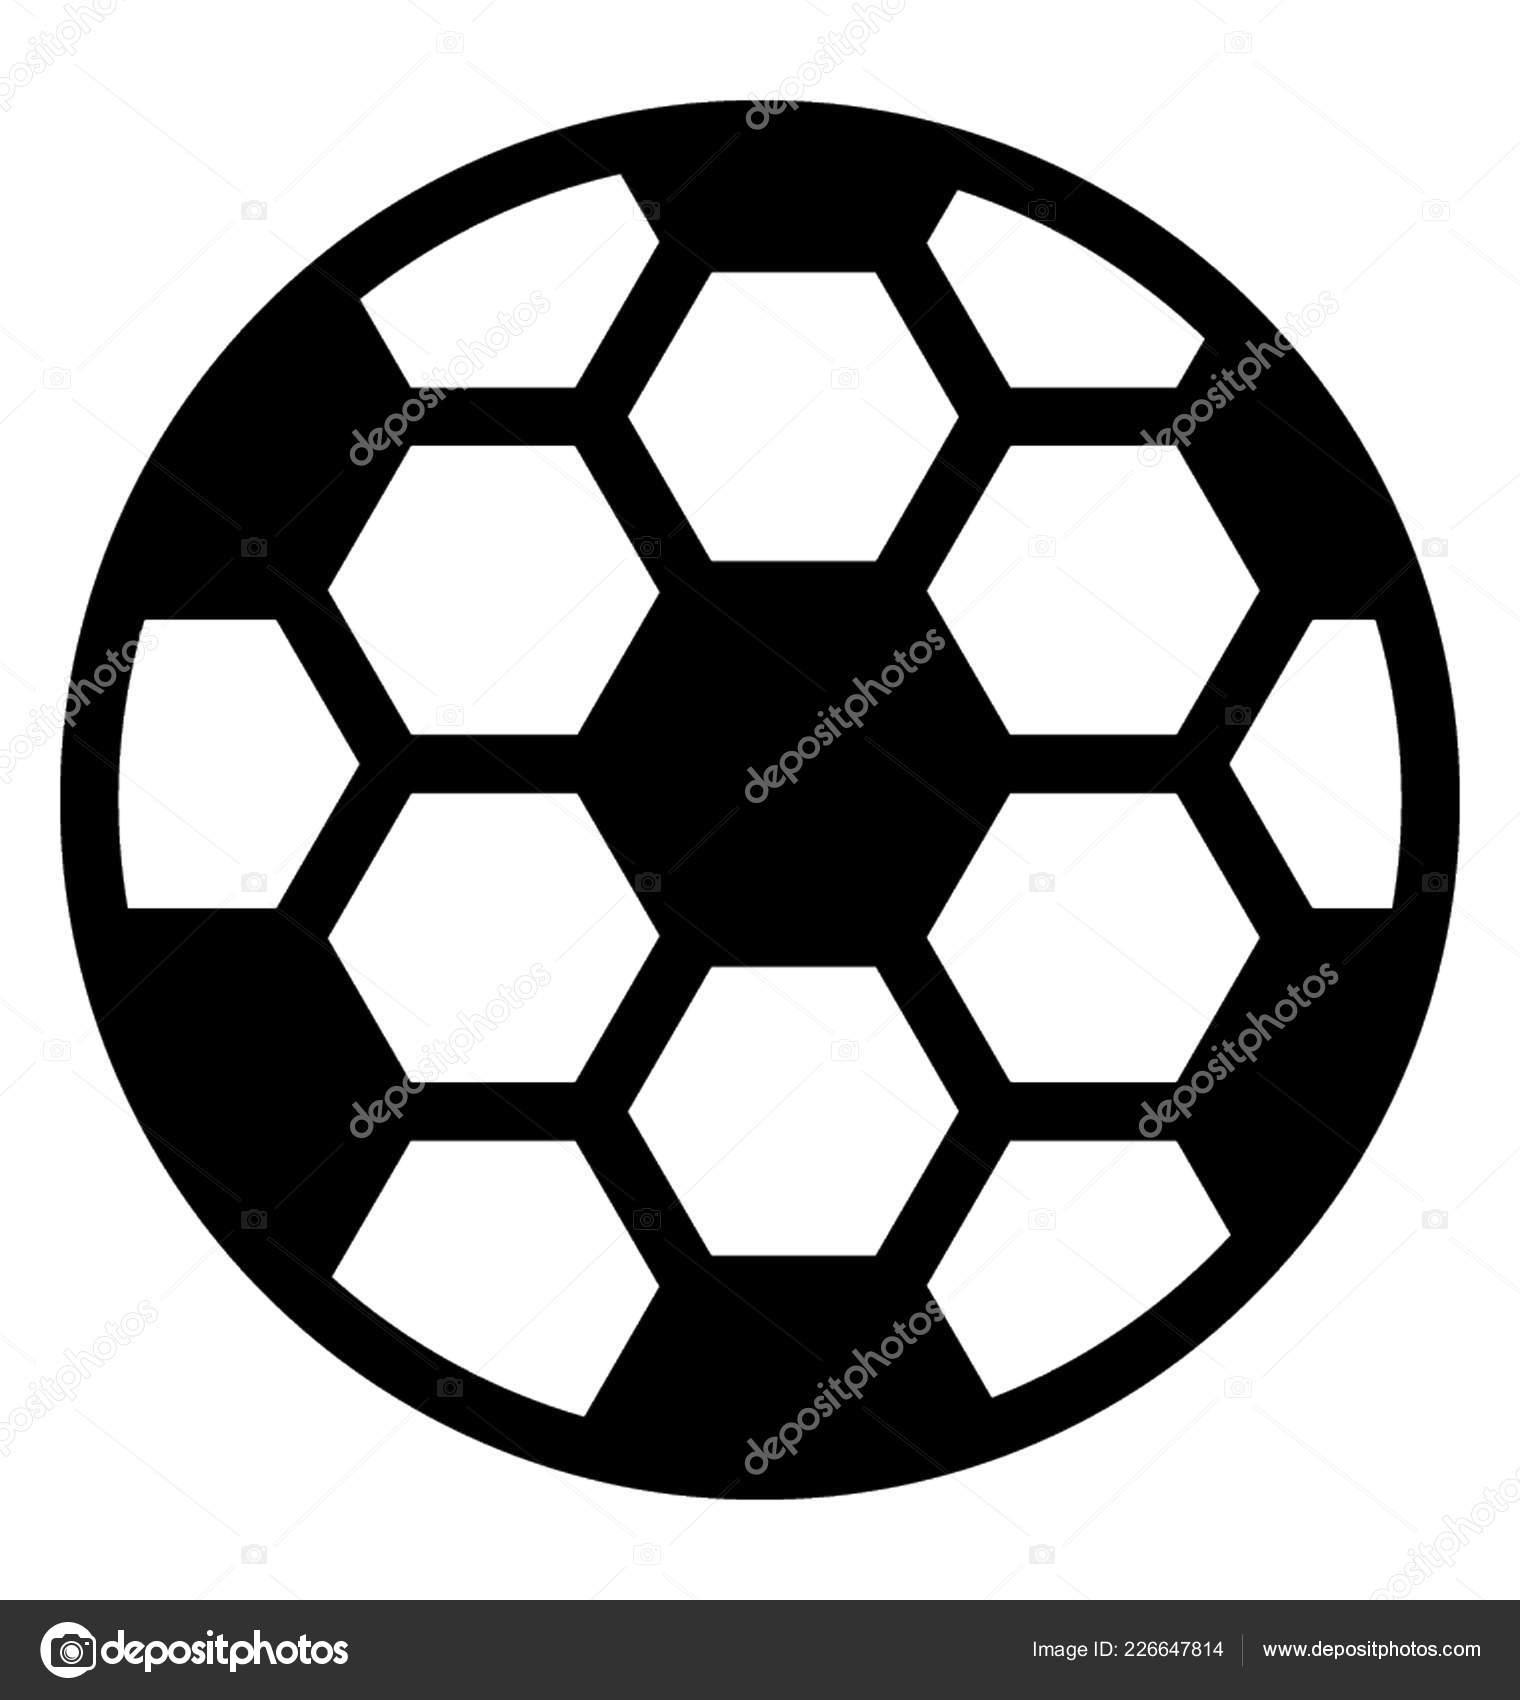 Fussball Schwarz Weiss Schach Solide Fussball Ikone